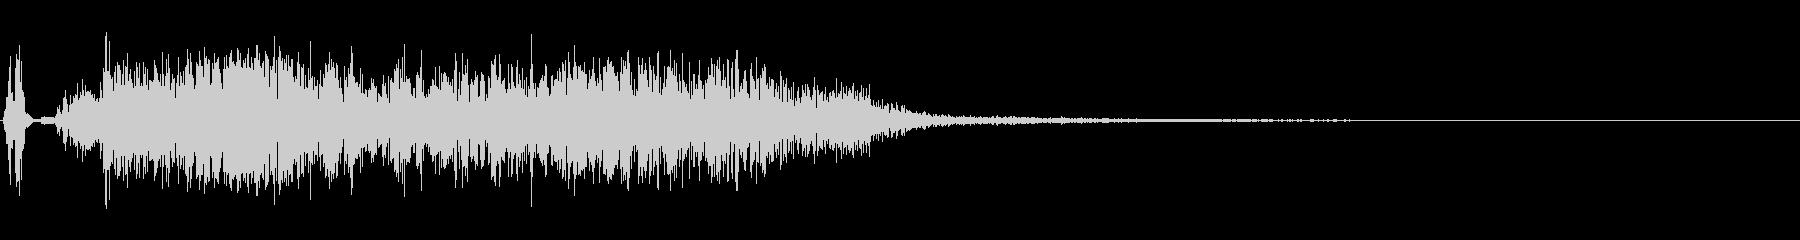 シングルフレアバーン、ファイアファ...の未再生の波形